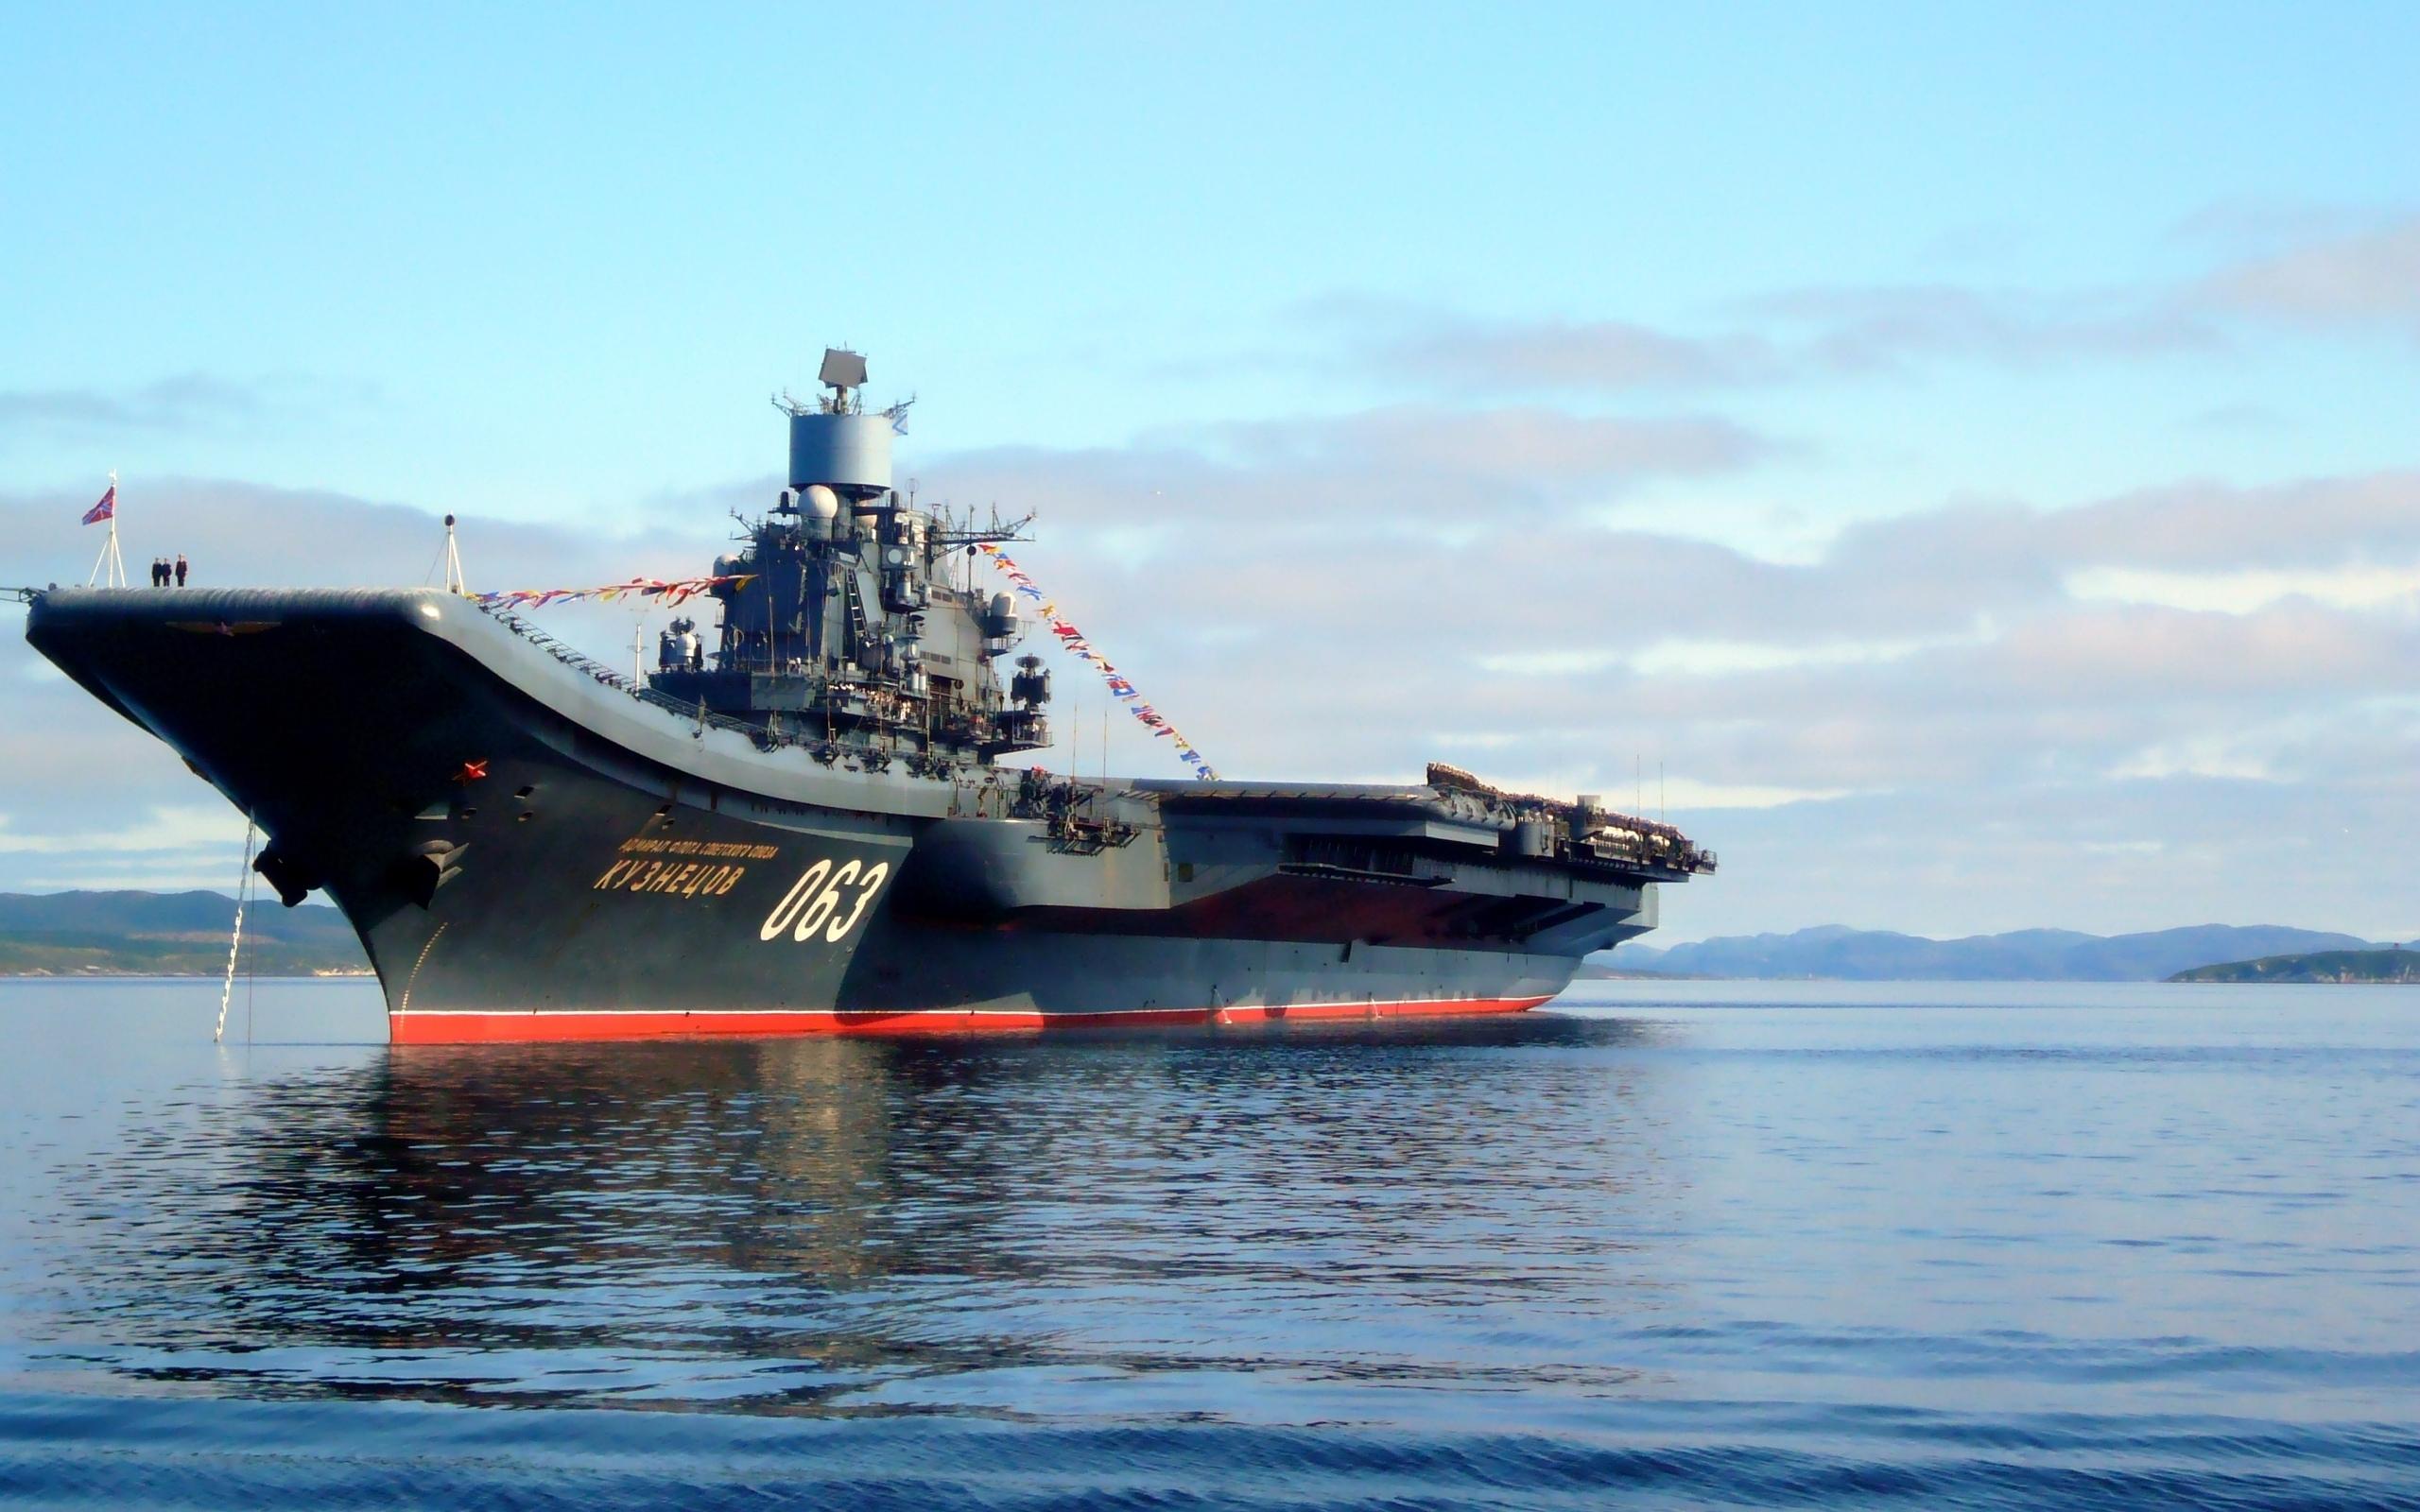 обои на рабочий стол военные корабли россии 1920х1080 № 253233  скачать